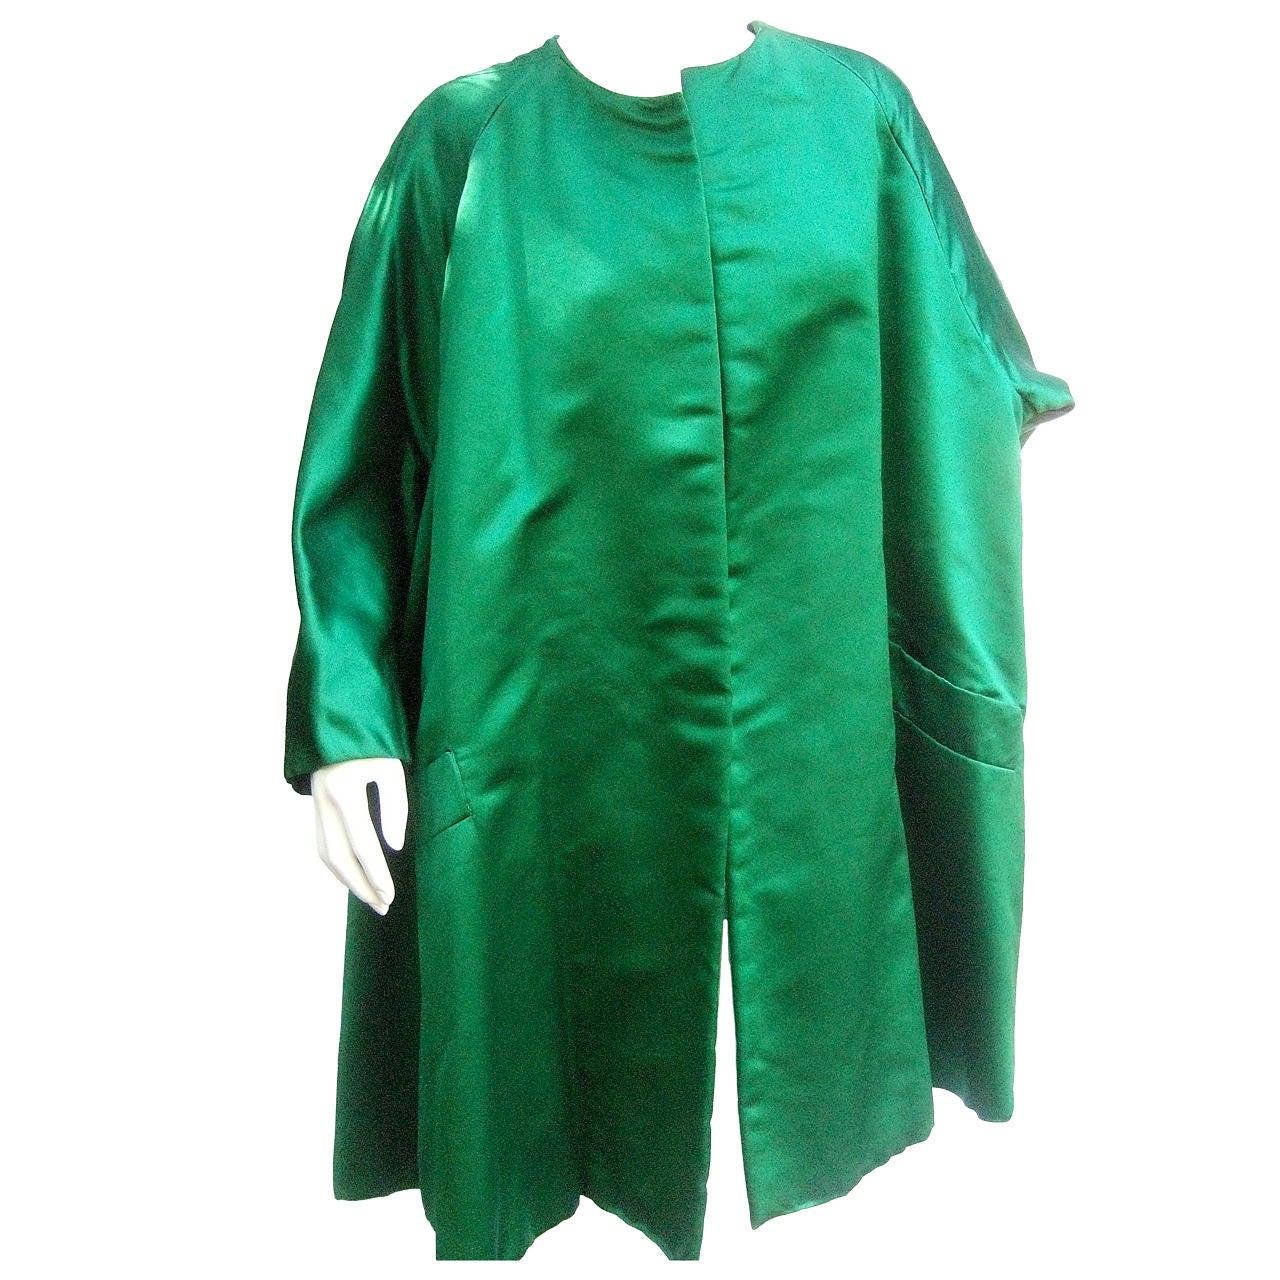 Neiman Marcus Emerald Green Duchess Satin Evening Coat c 1960